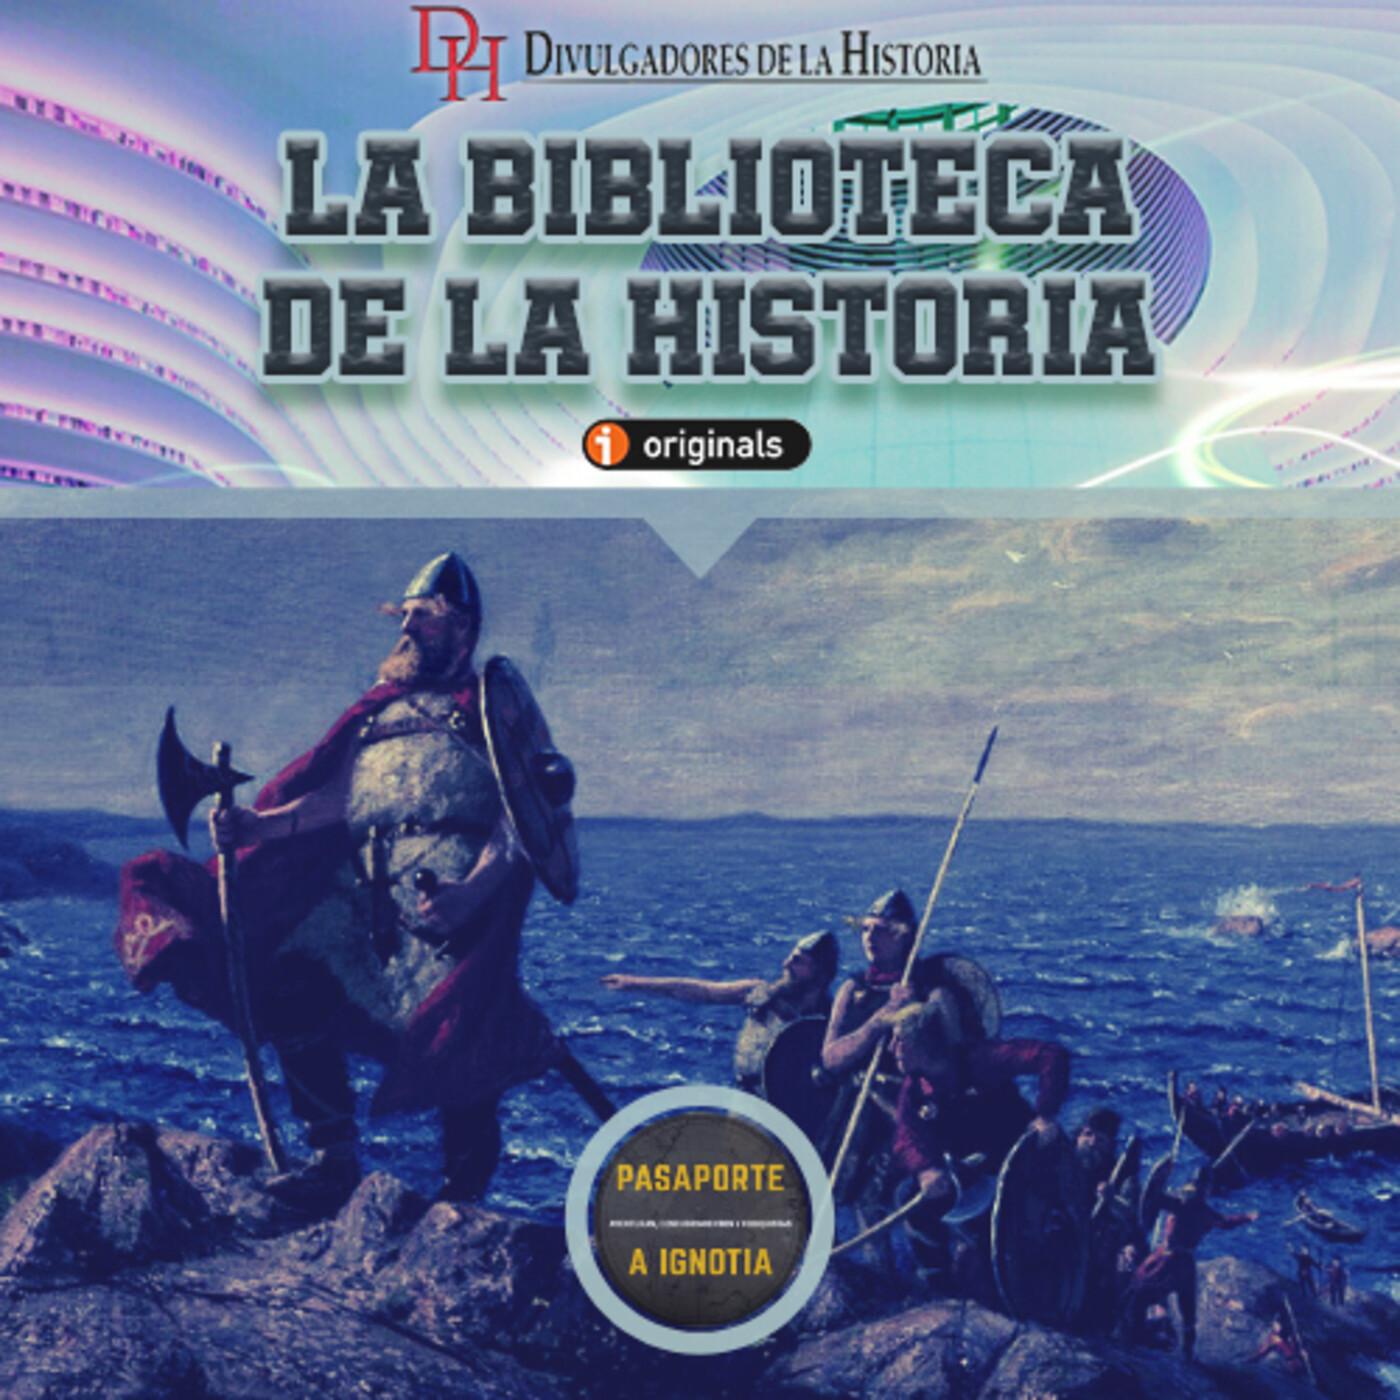 119. Vinlandia, los Vikingos en América